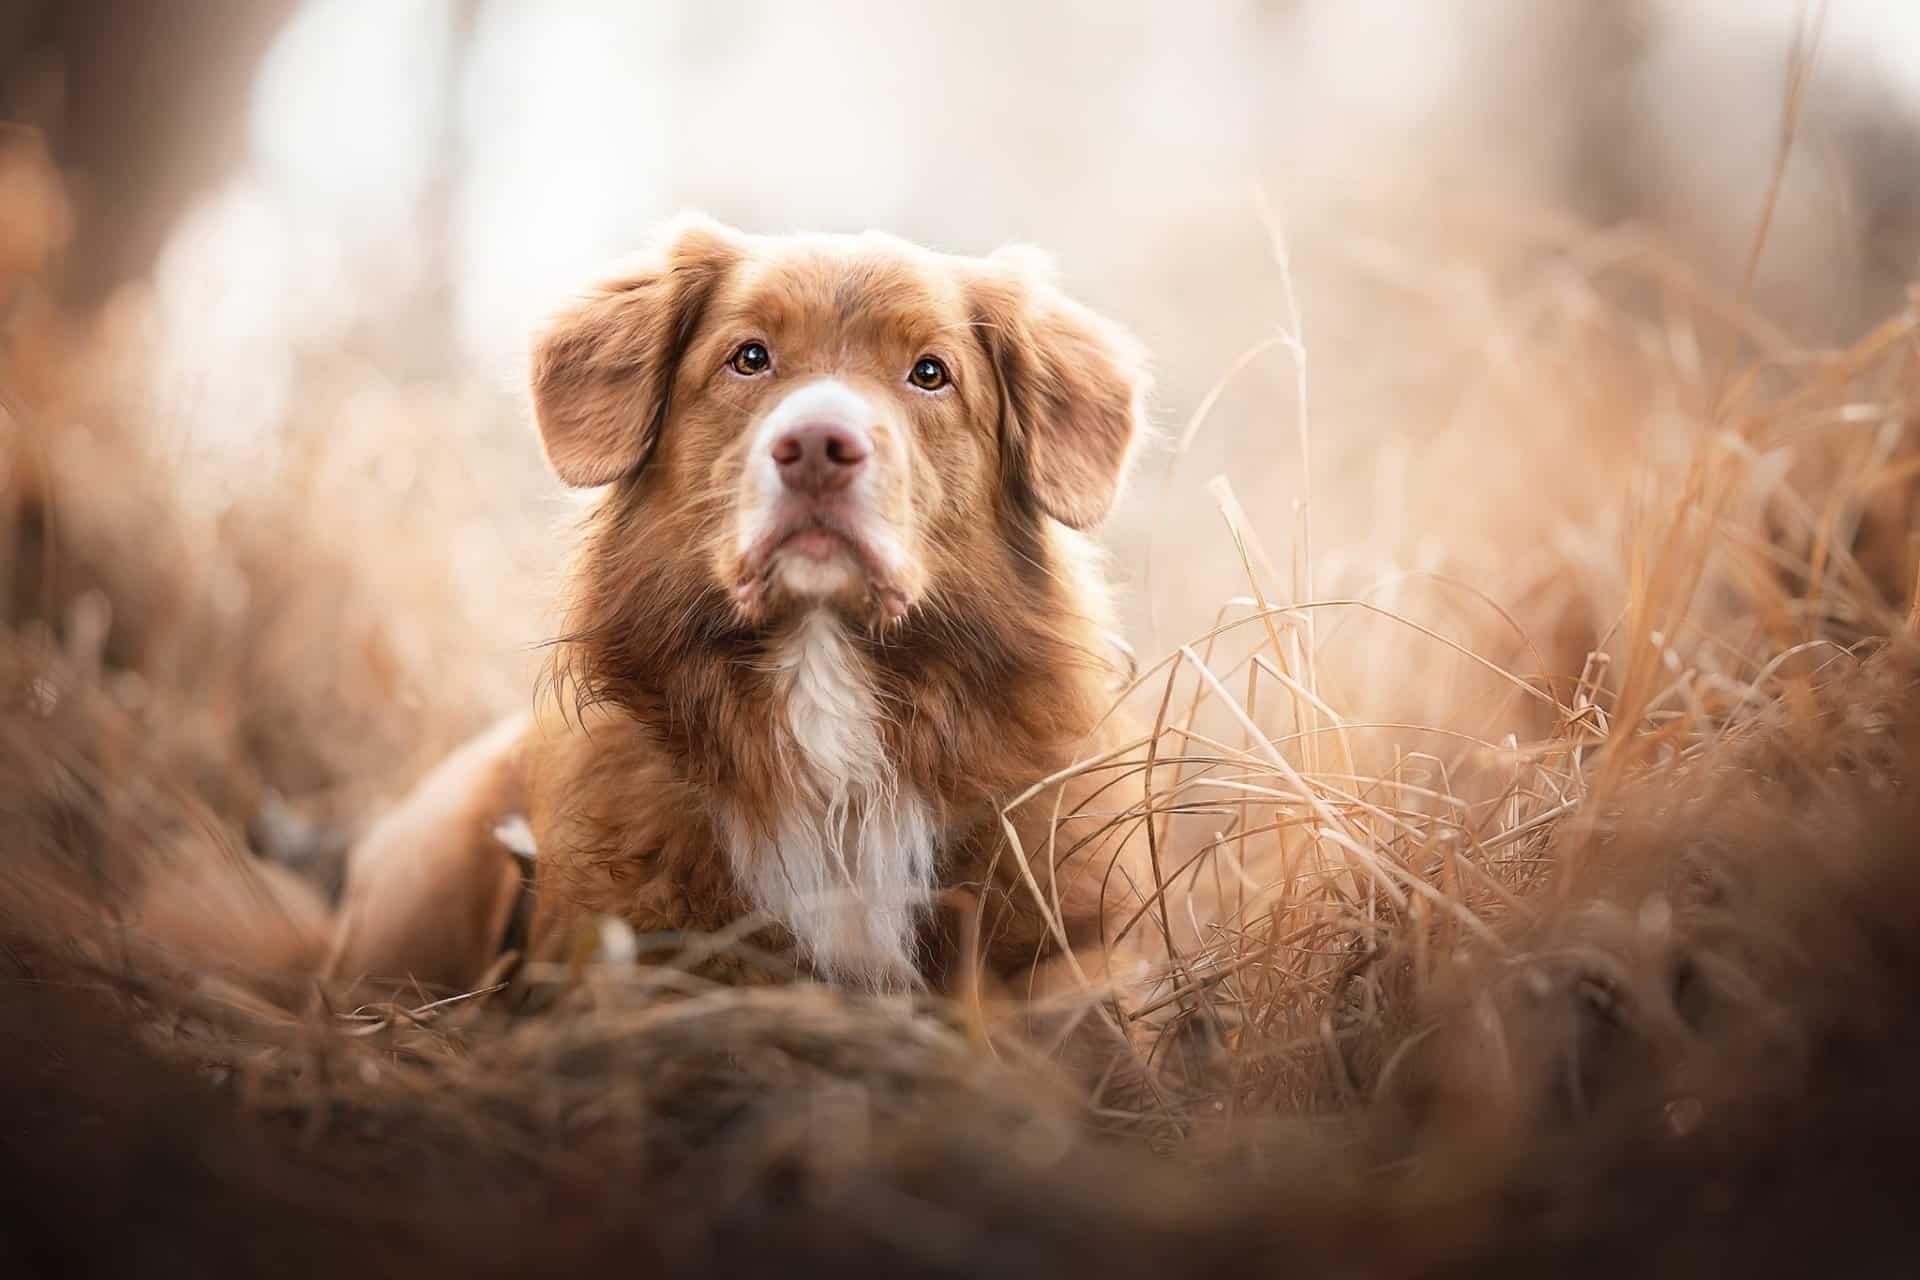 Hondenspeelgoed voor koude winterdagen